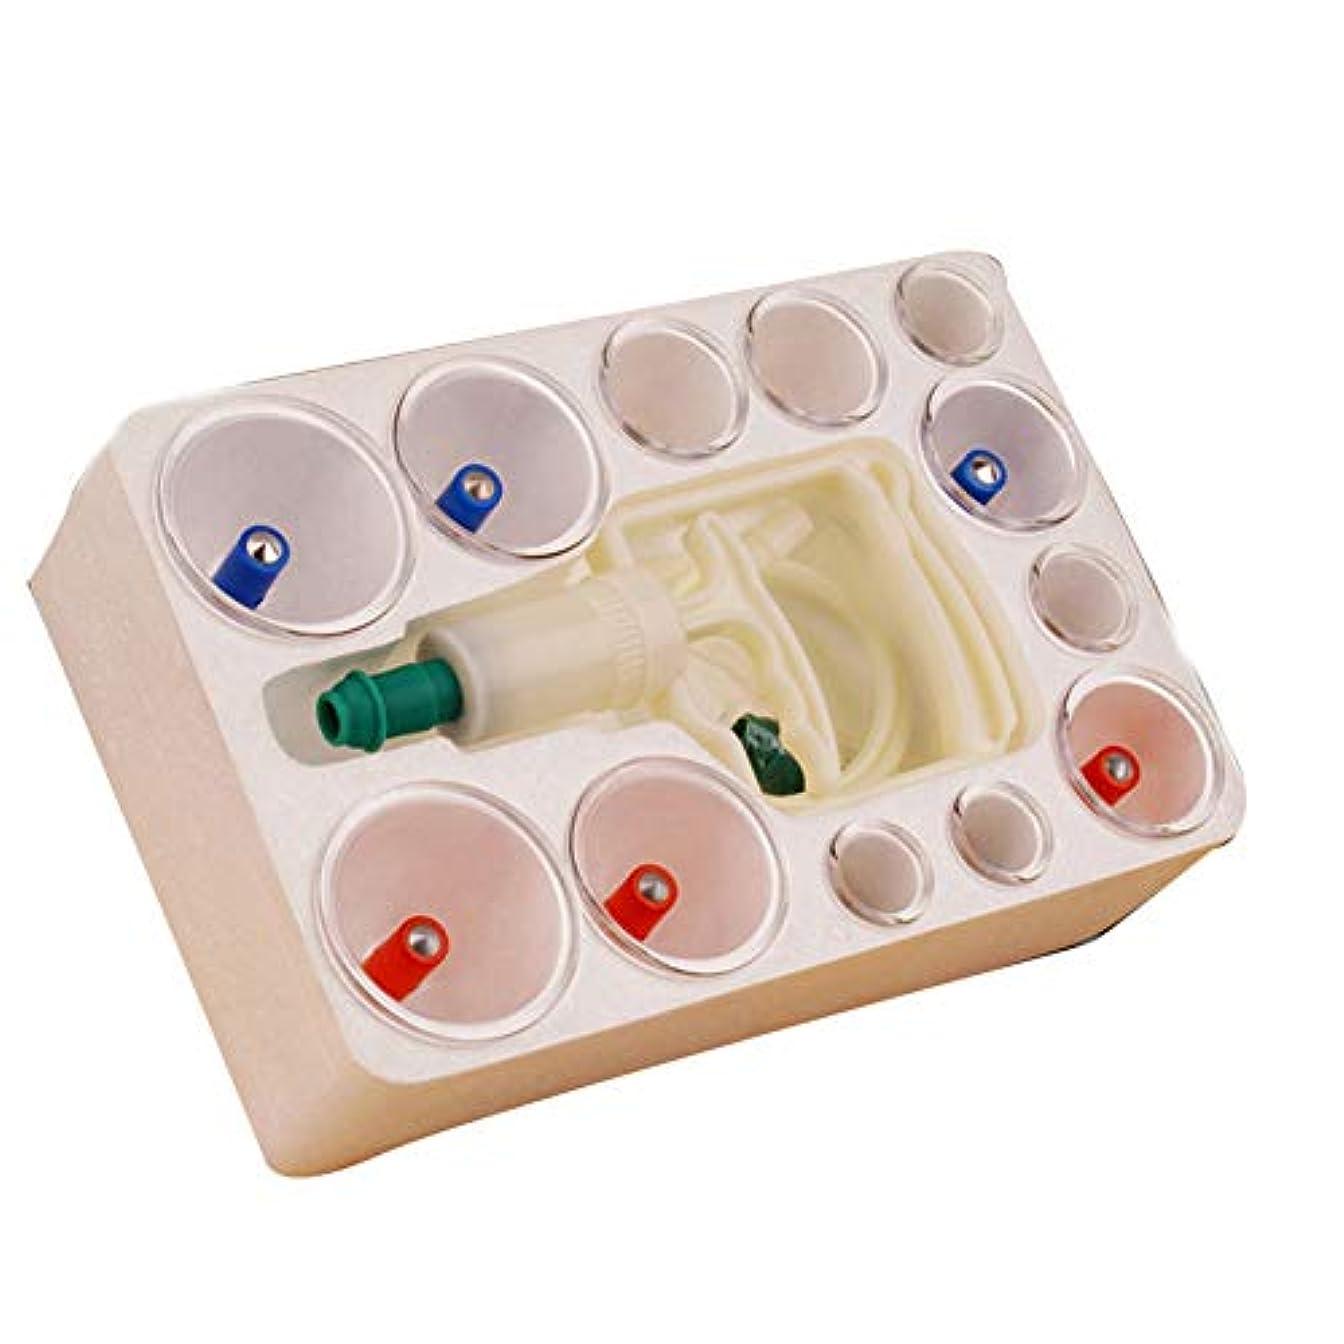 ダースするだろう癒す12カップカッピングセラピーセット、真空吸引生体磁気、ポンプ付きホーム、ボディマッサージの痛みを緩和する理学療法排泄毒素